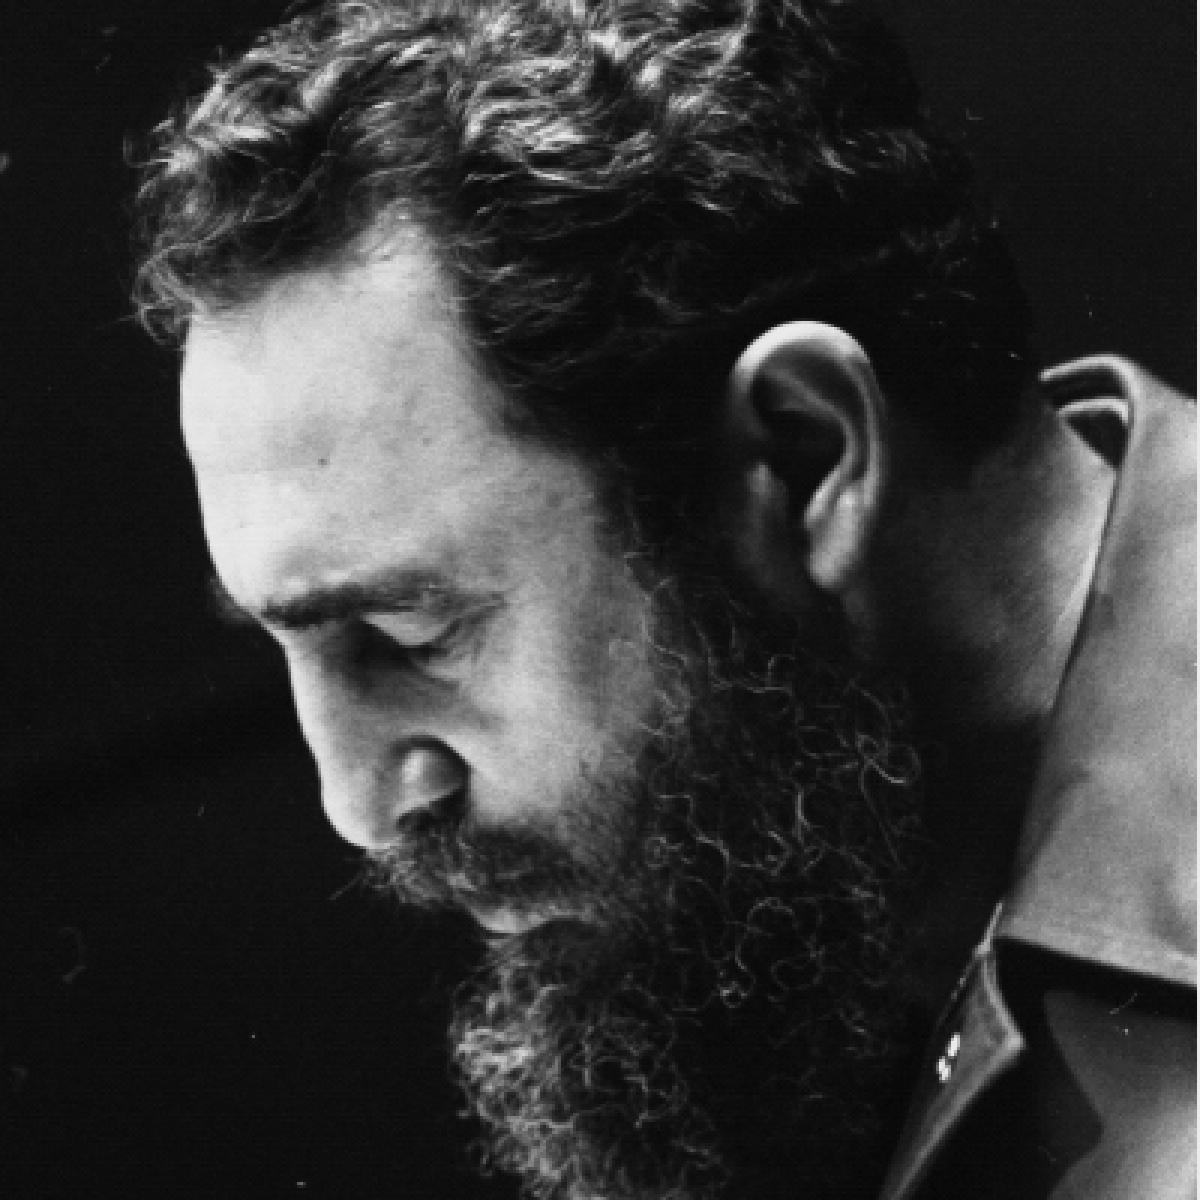 फिदेल कास्त्रो : एक क्रांतिकारी जीवन का उत्सव